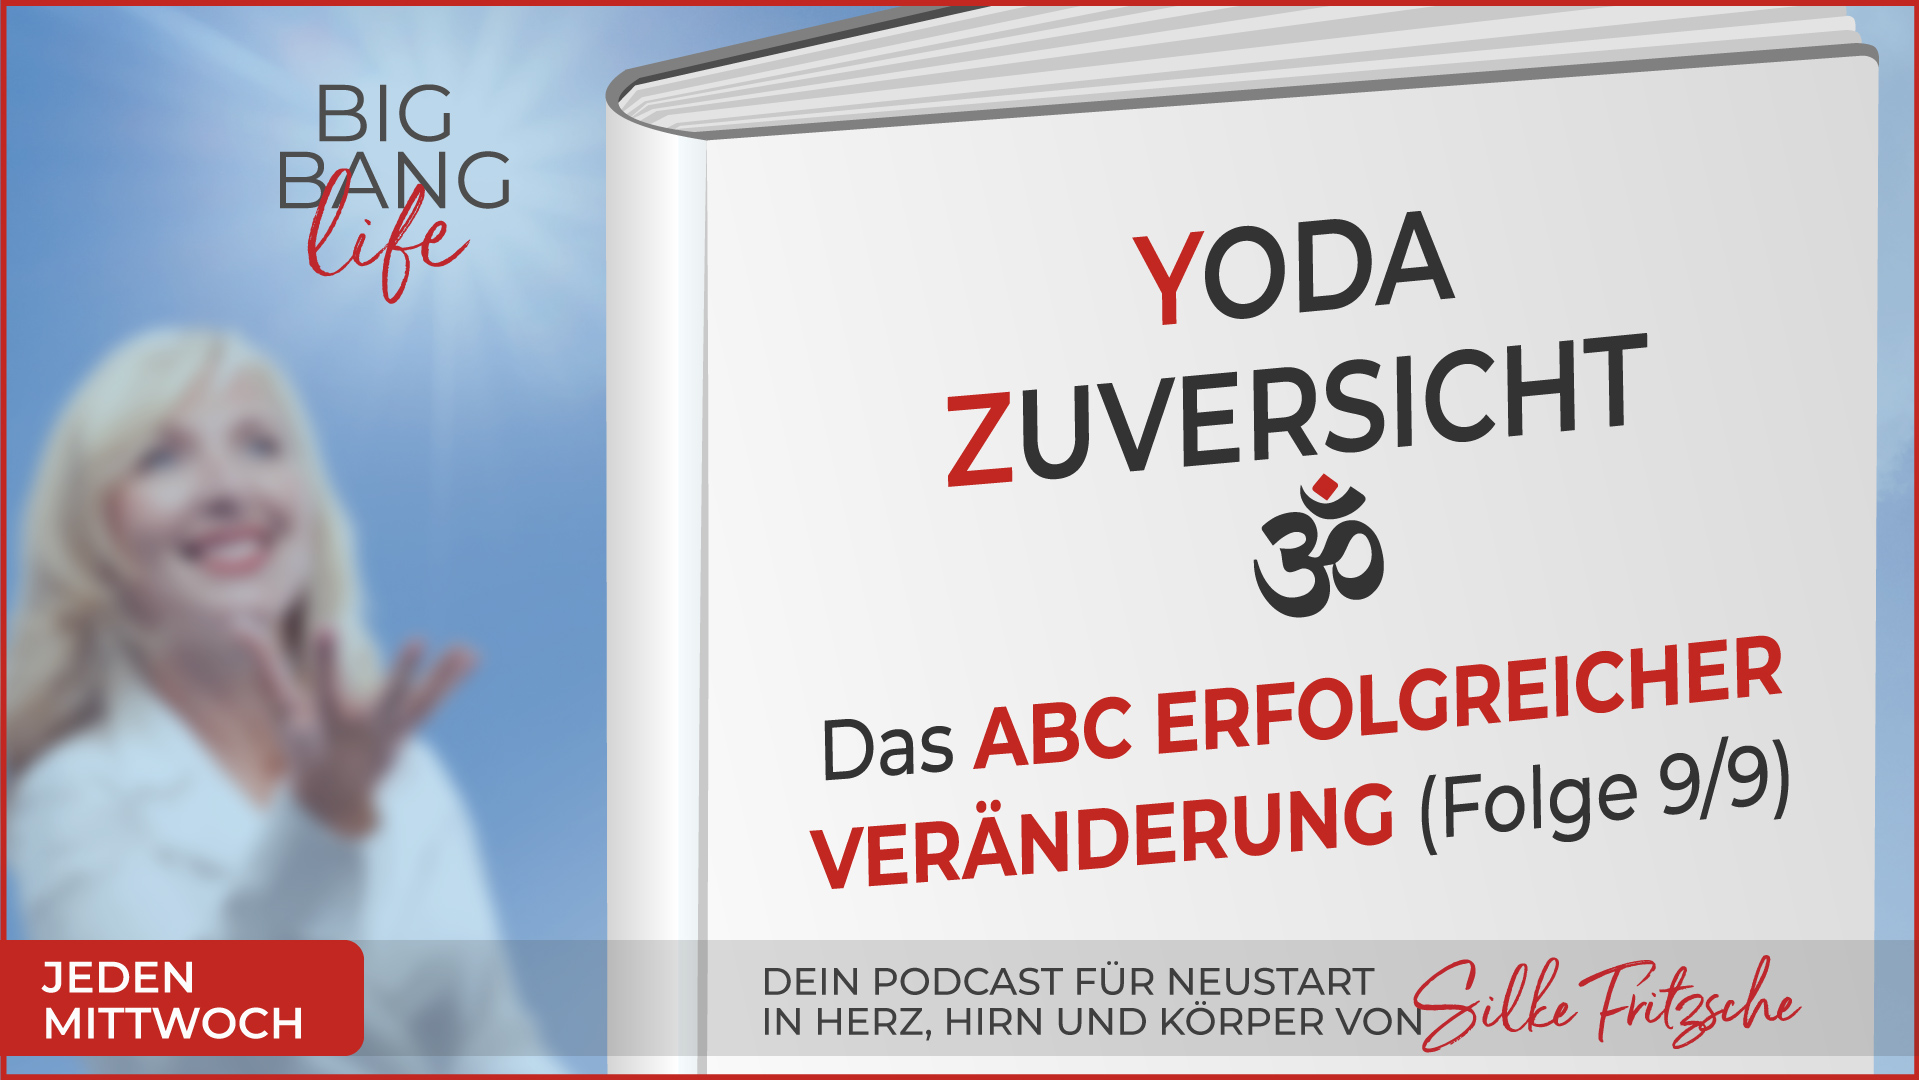 Der Big Bang life Podcast mit Silke Fritzsche - Yoda, Zuversicht, Om